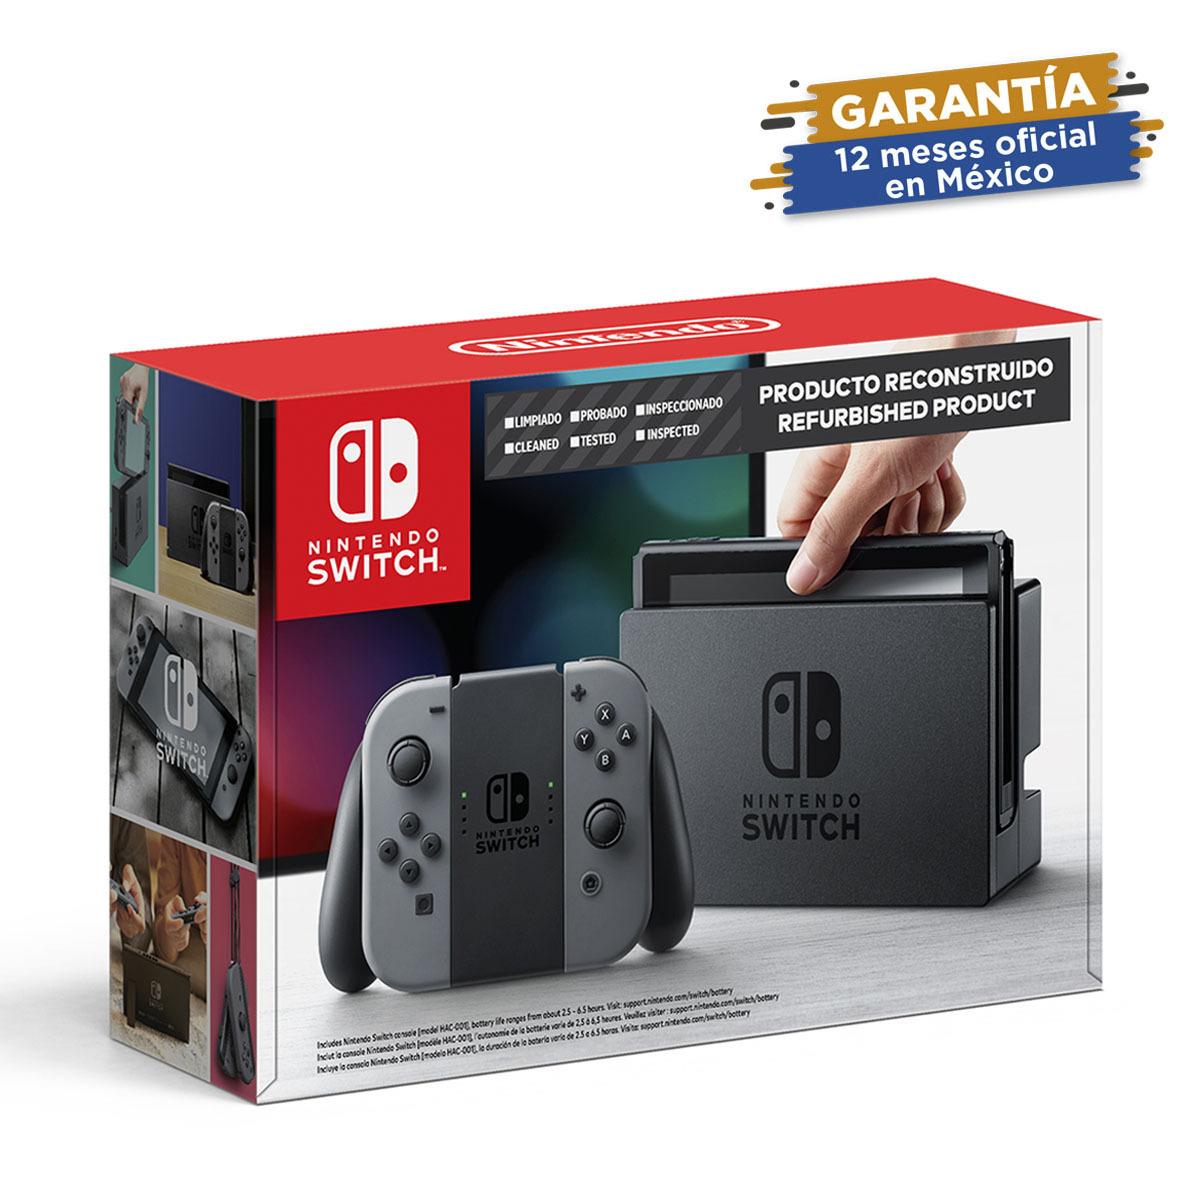 Nintendo Switch Refurbished - Chedraui en Linea